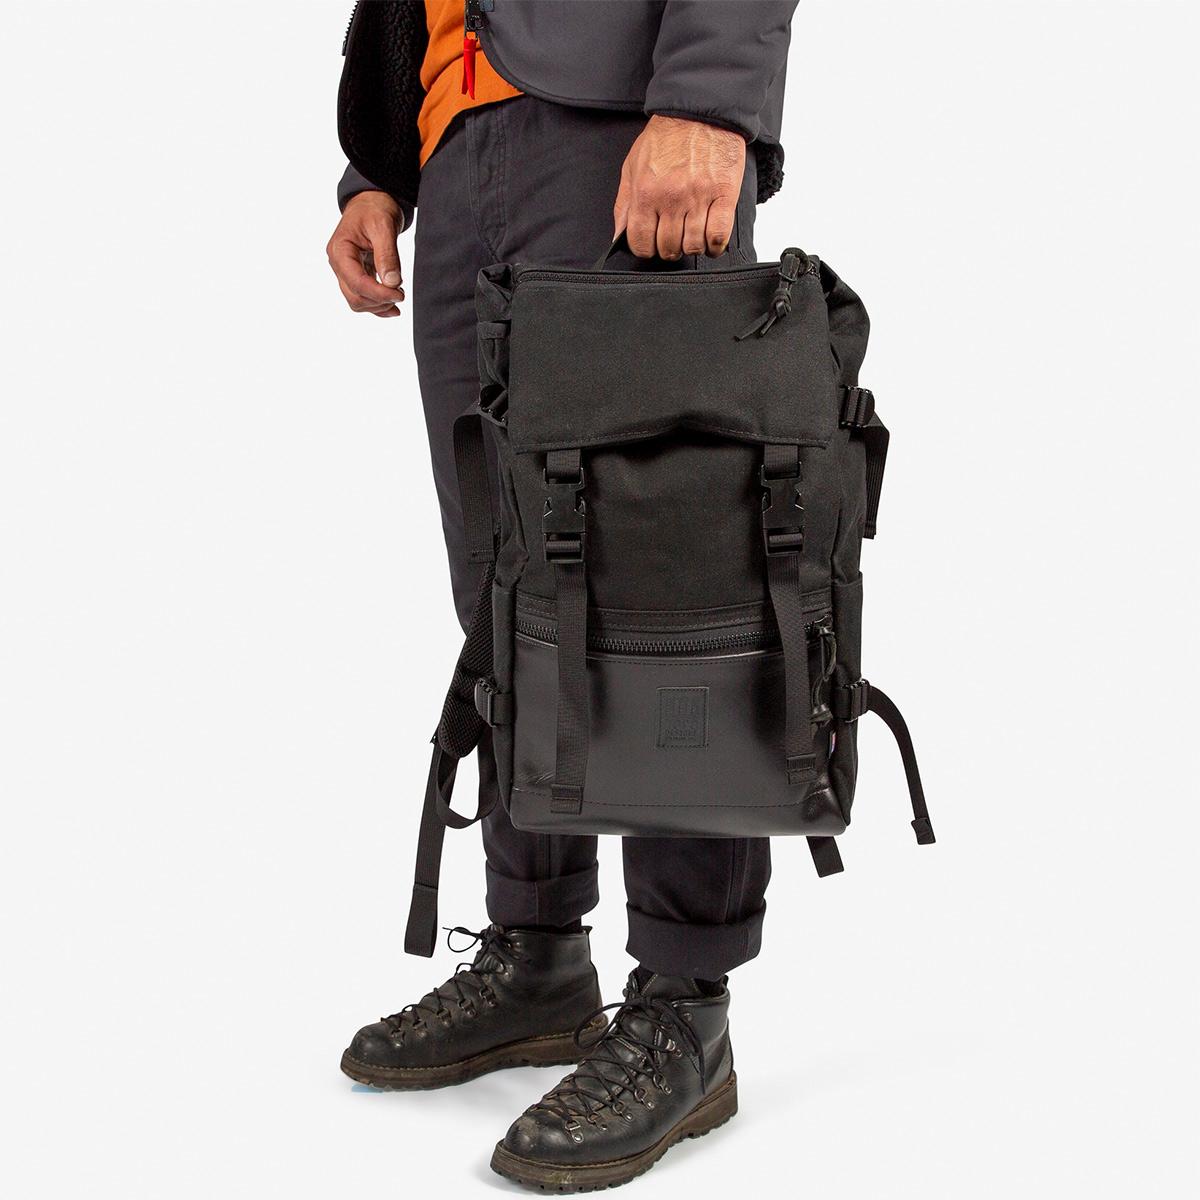 Topo Designs Rover Pack Ballistic Black/Black Leather, tijdloze rugzak met moderne functionaliteiten voor dagelijks gebruik